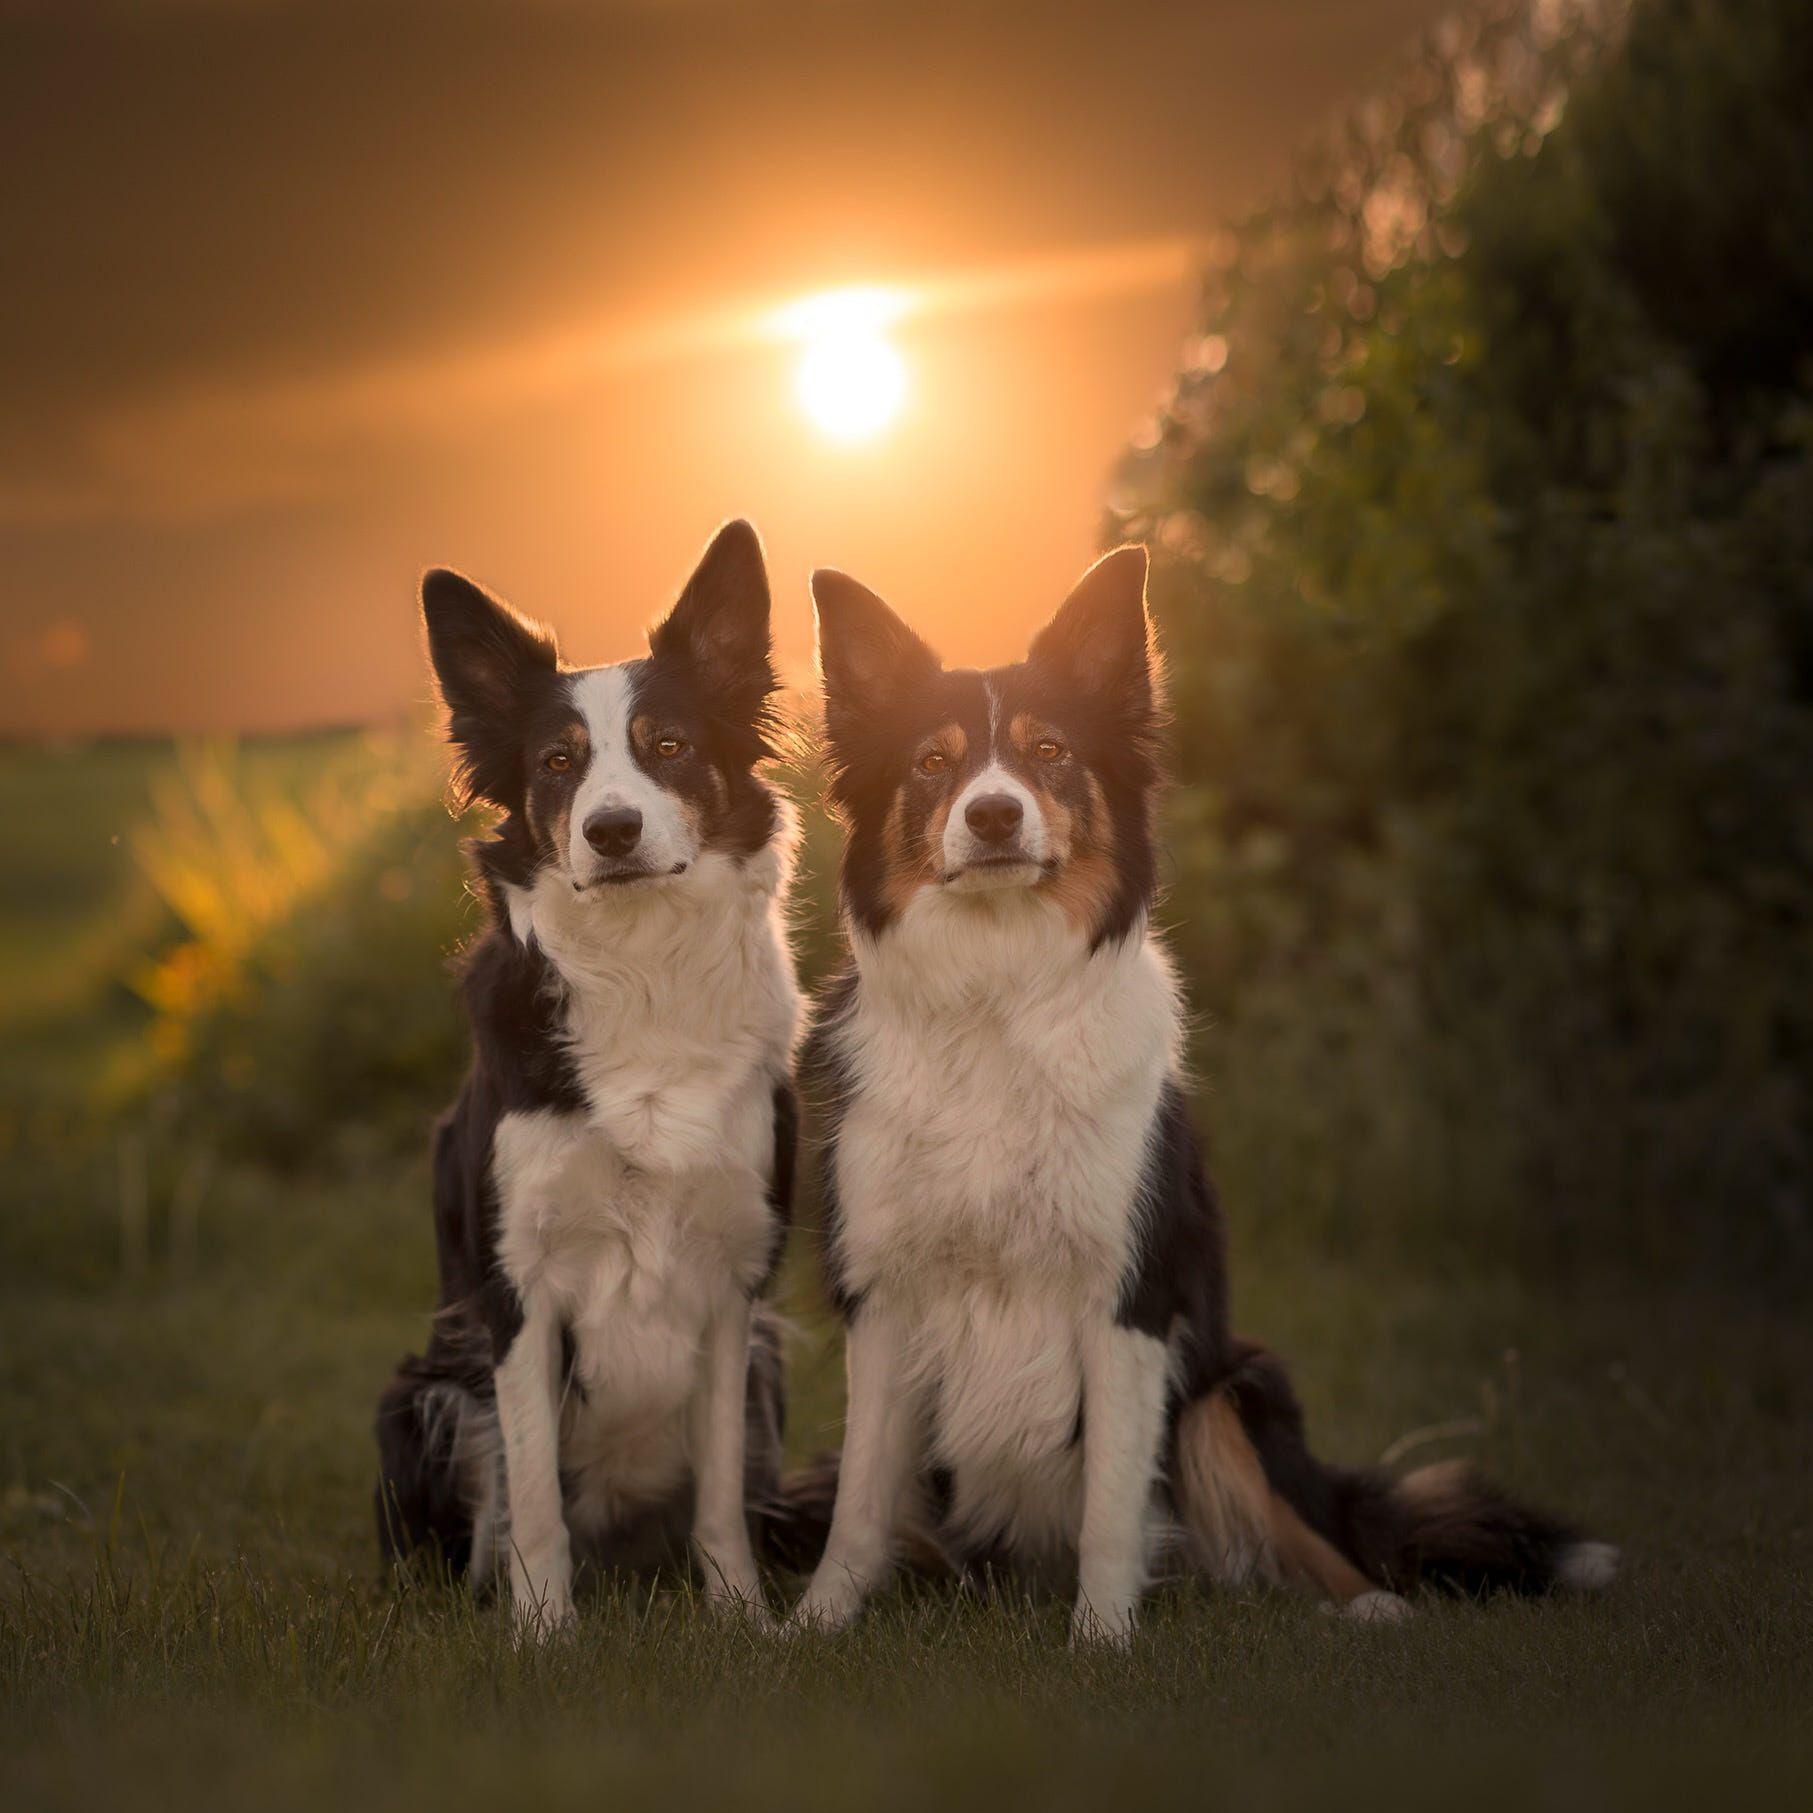 2 Border Collies   Beaux chiens, Chien, J'adore les chiens